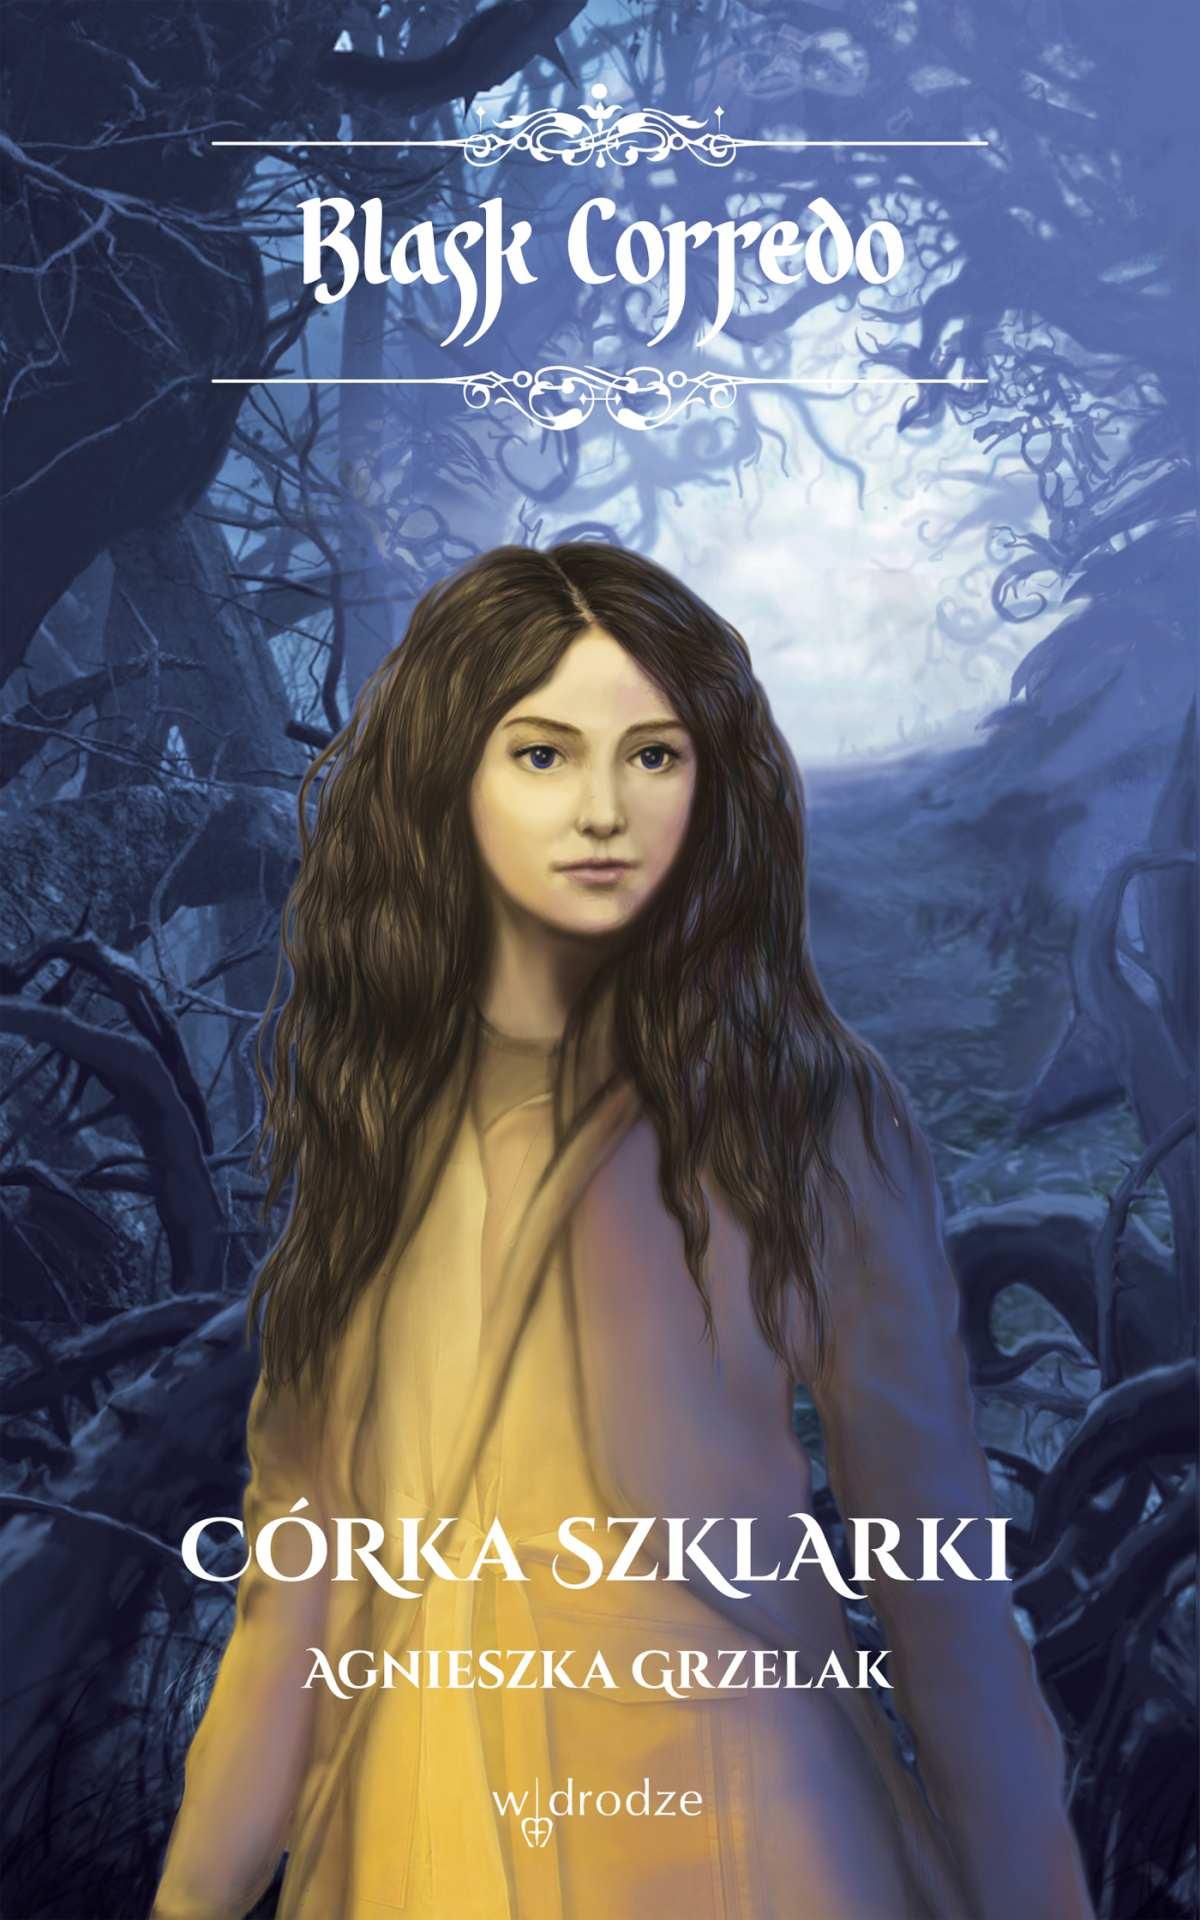 Córka Szklarki. Blask Corredo. Tom II - Ebook (Książka EPUB) do pobrania w formacie EPUB